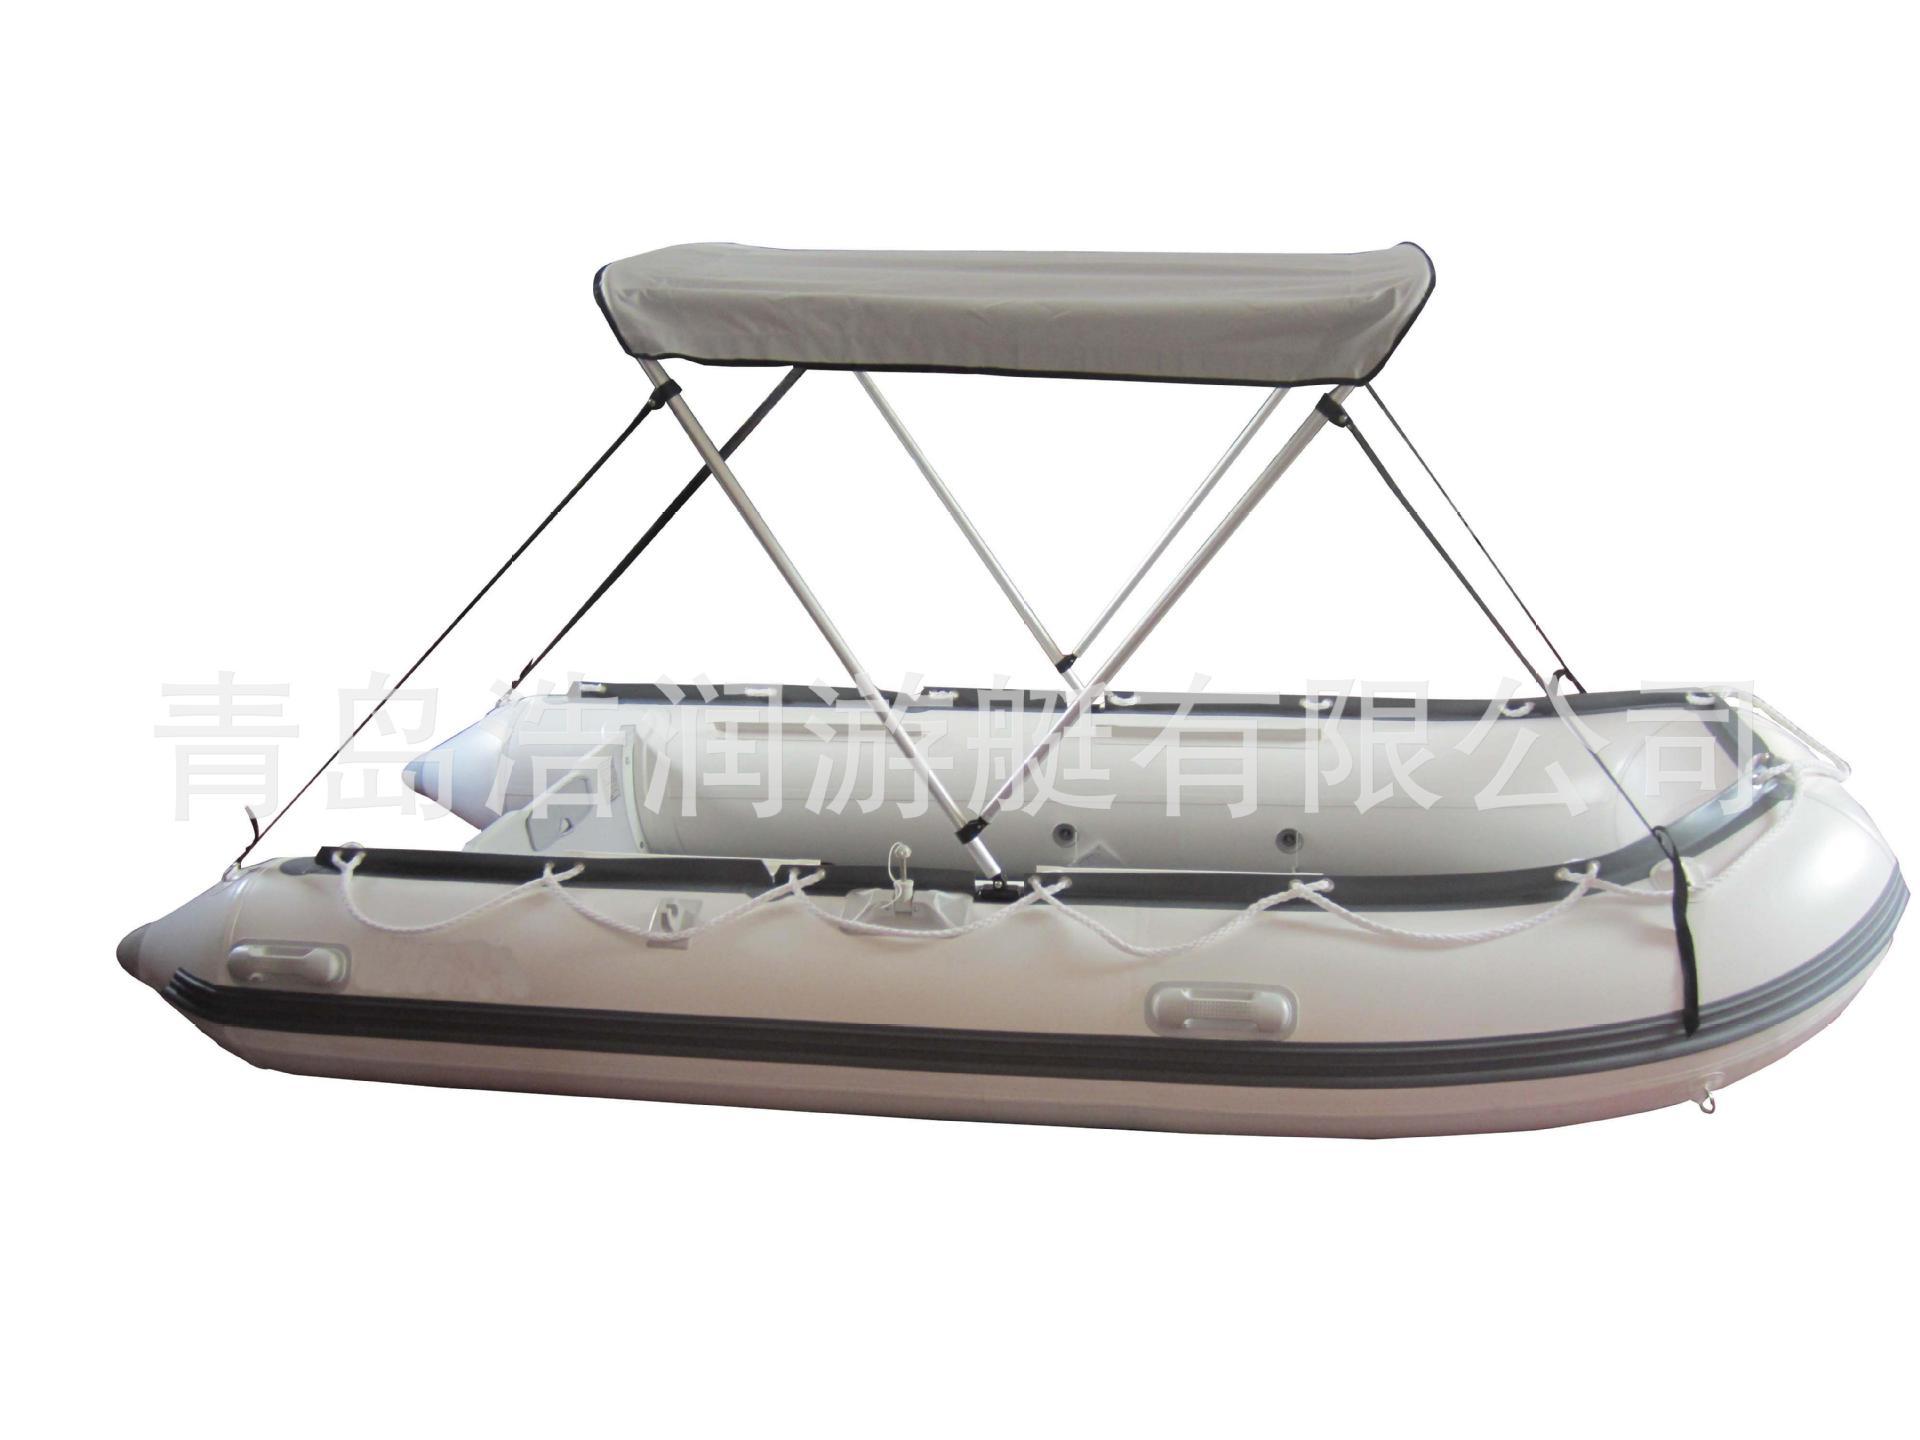 【【厂家安装】充气船皮划艇冲锋舟v厂家遮阳棚热水器潜水艇阀门直销图片